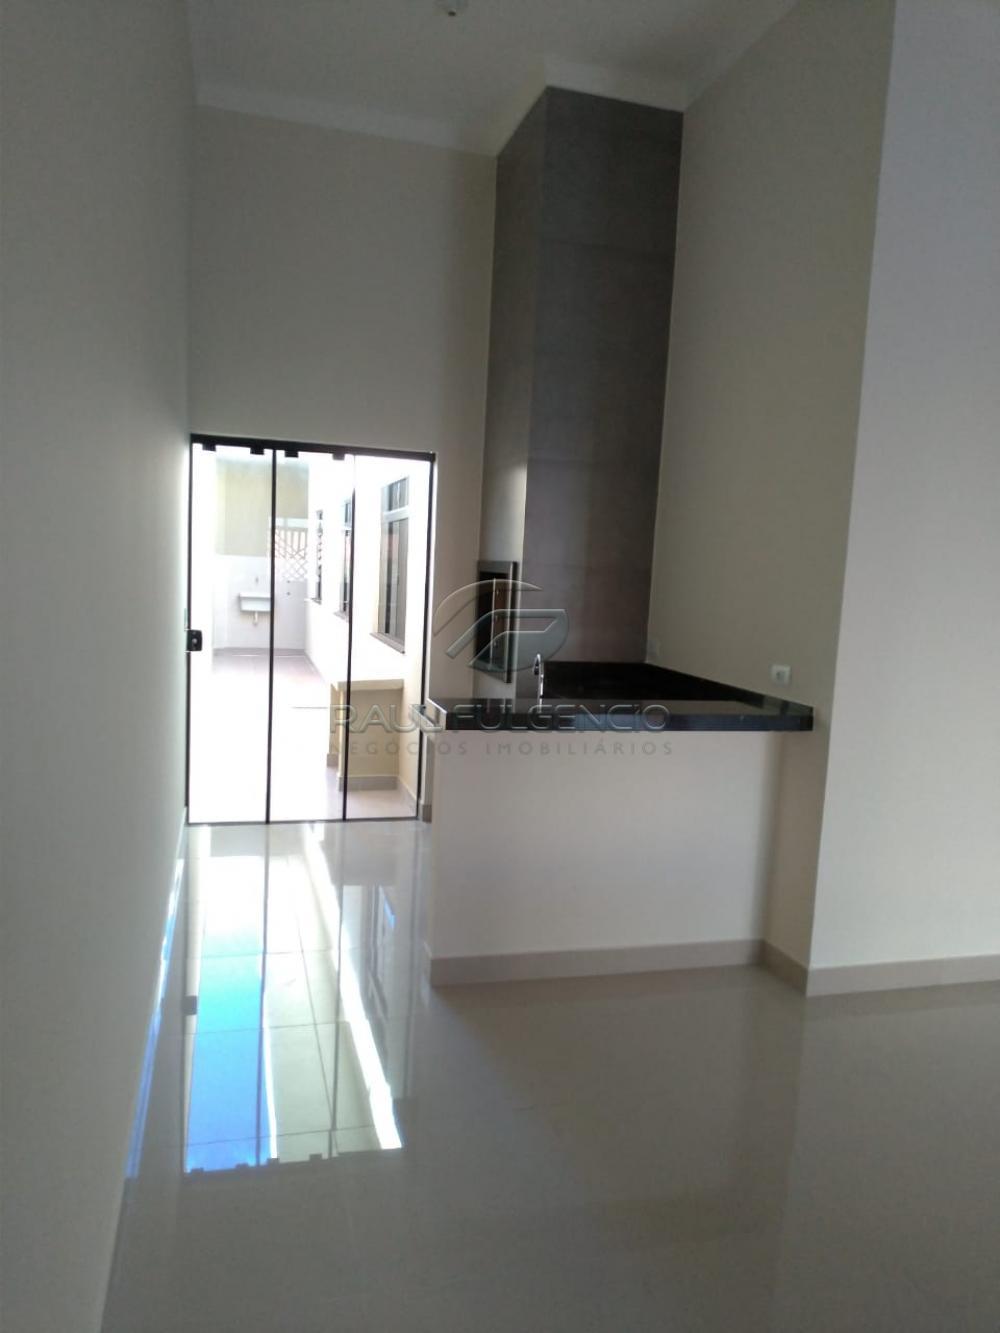 Comprar Casa / Térrea em Londrina apenas R$ 275.000,00 - Foto 4